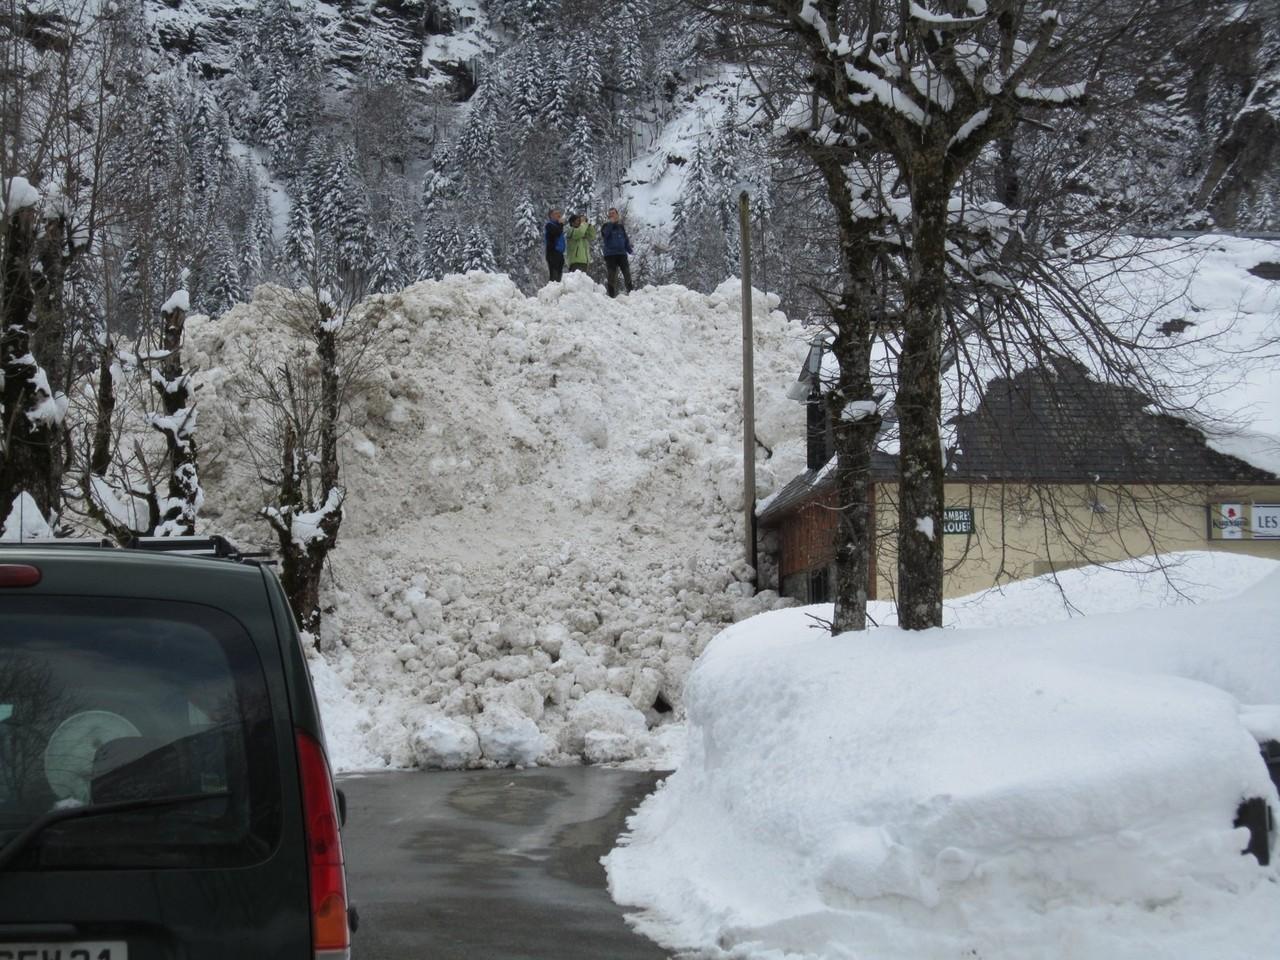 Les autorités évaluent le risque d'une nouvelle avalanche © Mairie de Luchon